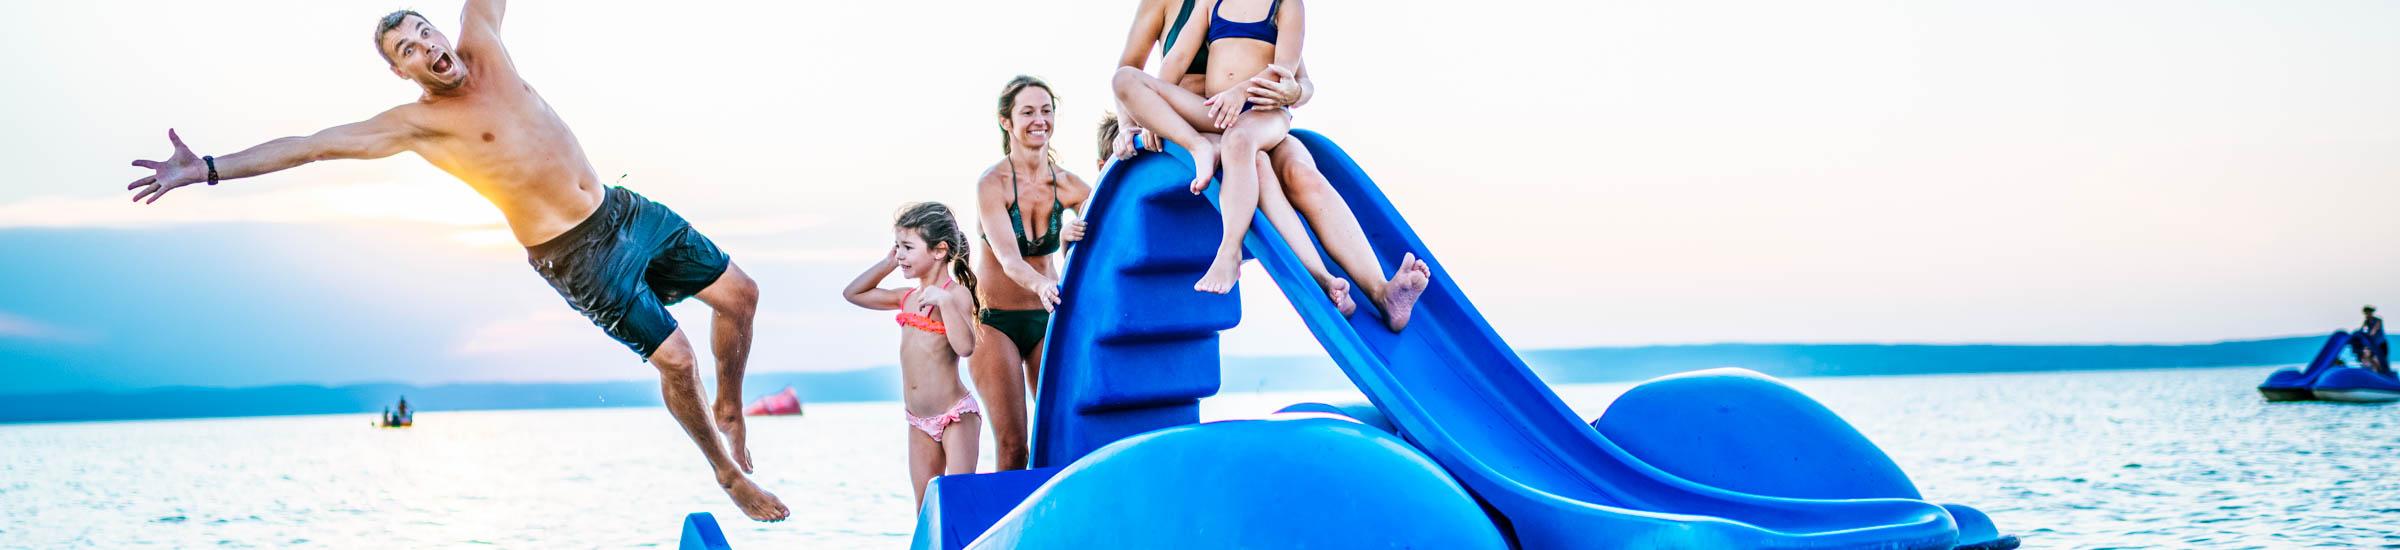 Familienfreundliche Seen Header Desktop: Familie mit fünf Personen hat Spaß auf einem Wasserspielzeug auf dem See